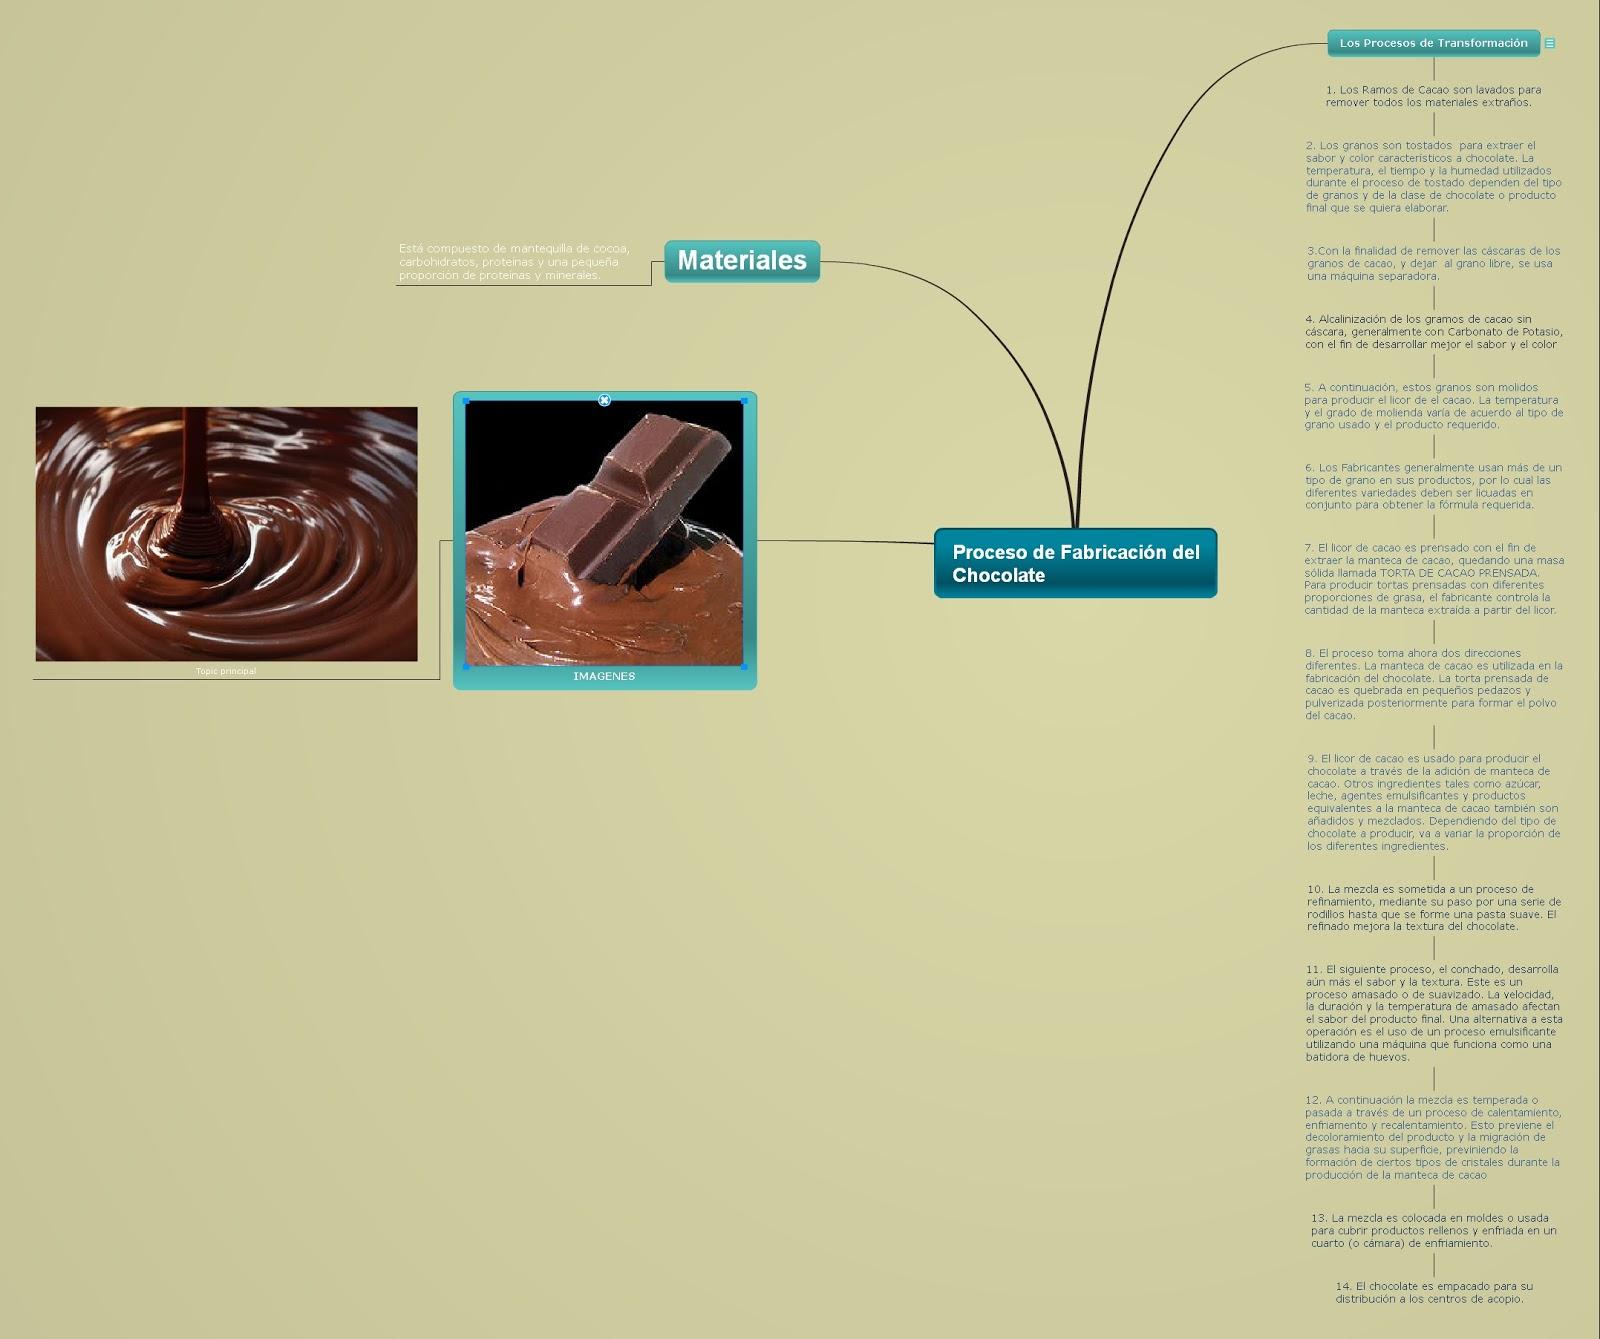 Proceso de Fabricación del Chocolate